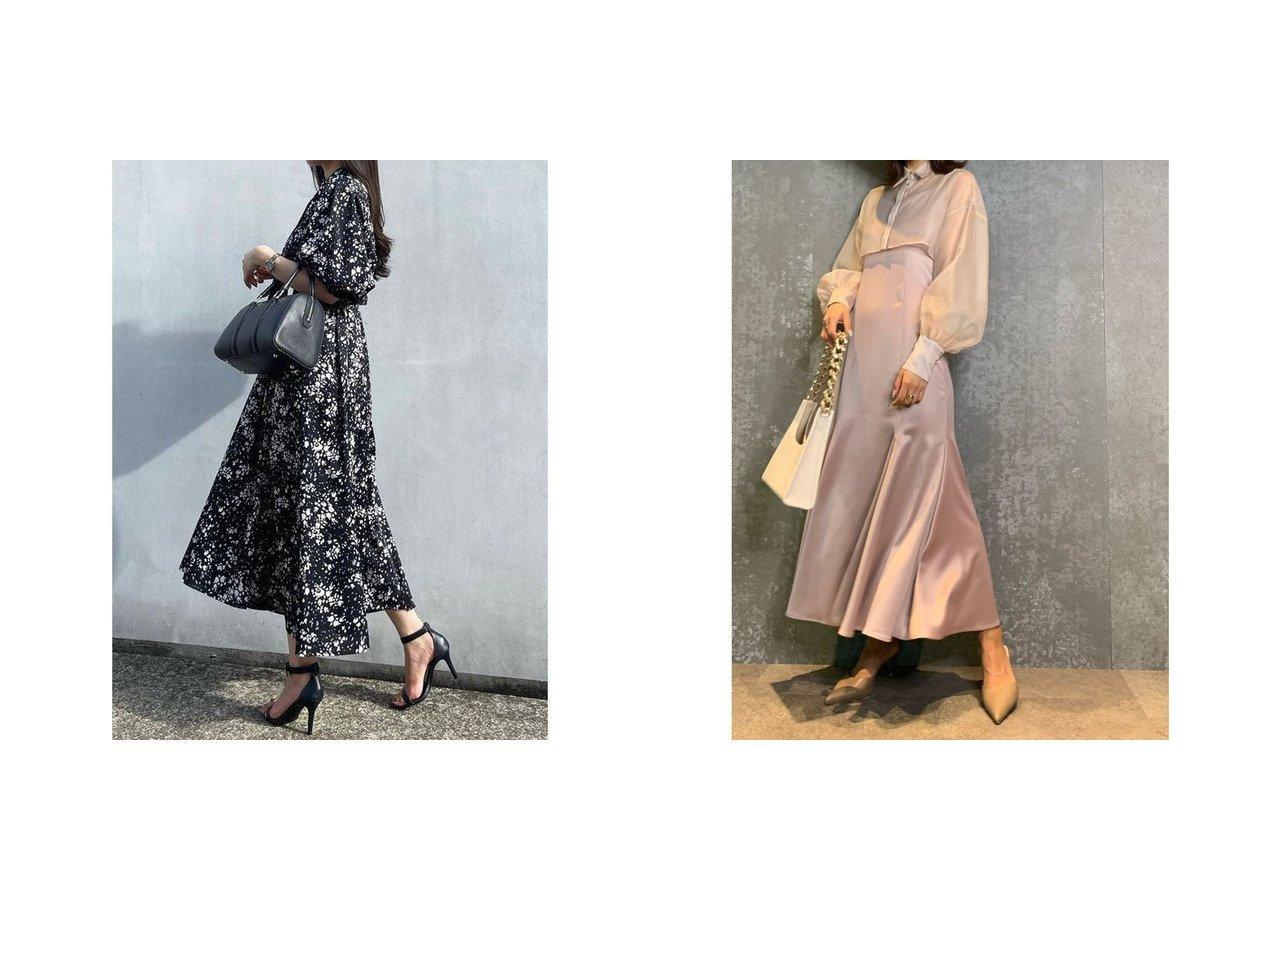 【eimy istoire/エイミーイストワール】のシアーシャツセットキャミワンピース&【anuans/アニュアンス】の2wayランダムドットワンピース おすすめ!人気、トレンド・レディースファッションの通販 おすすめで人気の流行・トレンド、ファッションの通販商品 インテリア・家具・メンズファッション・キッズファッション・レディースファッション・服の通販 founy(ファニー) https://founy.com/ ファッション Fashion レディースファッション WOMEN ワンピース Dress キャミワンピース No Sleeve Dresses おすすめ Recommend スタンド ドット ベーシック ランダム インナー キャミワンピース クラシック サテン ショート マーメイド  ID:crp329100000071027